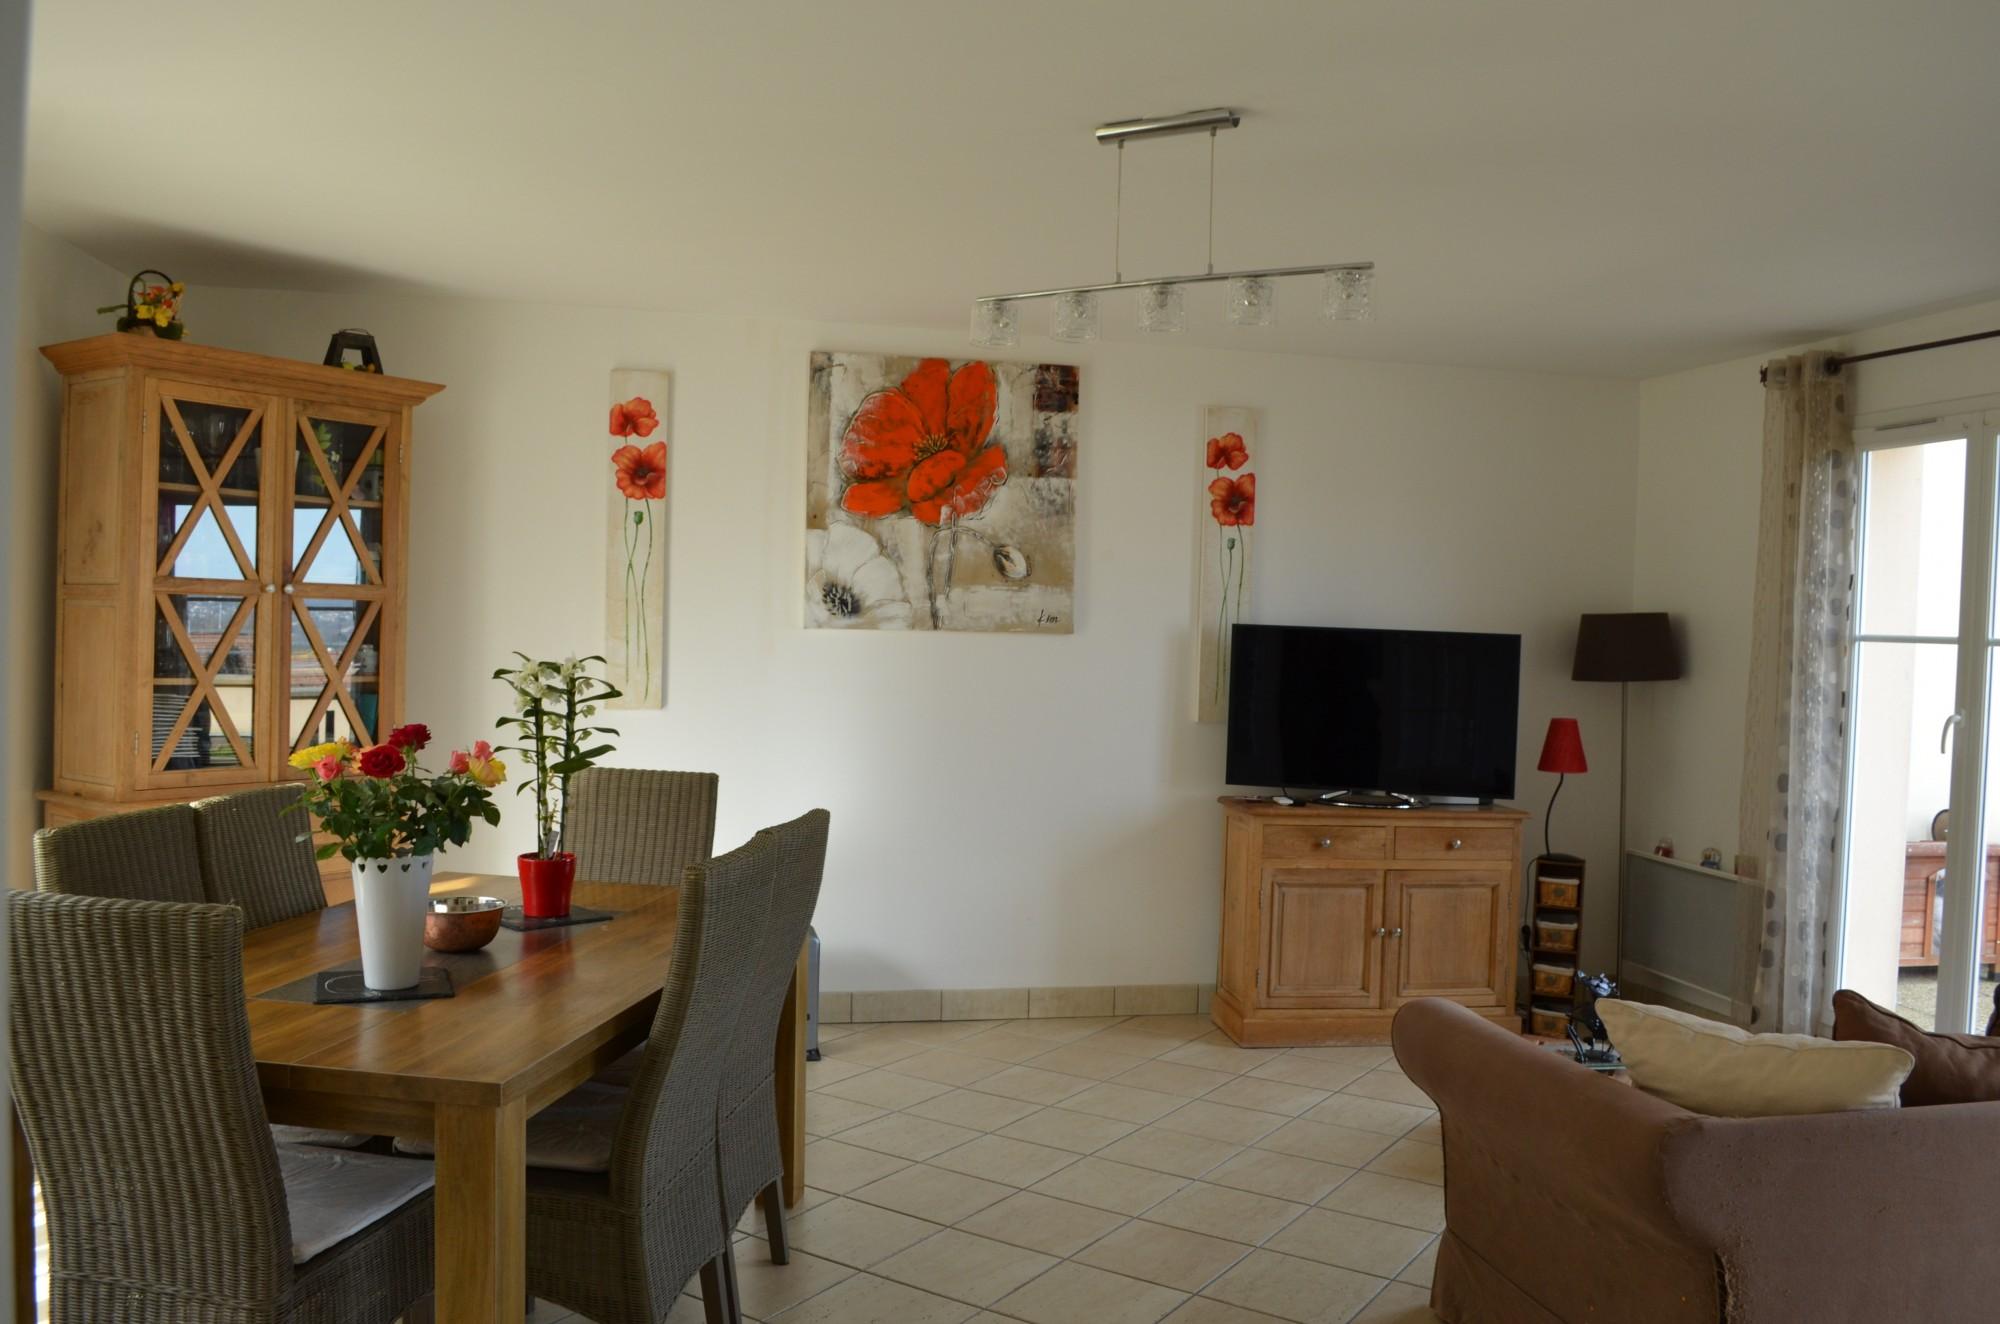 ventes maison avec garage t5 f5 mezieres sur seine suite parentale rdc maisons et patrimoine. Black Bedroom Furniture Sets. Home Design Ideas